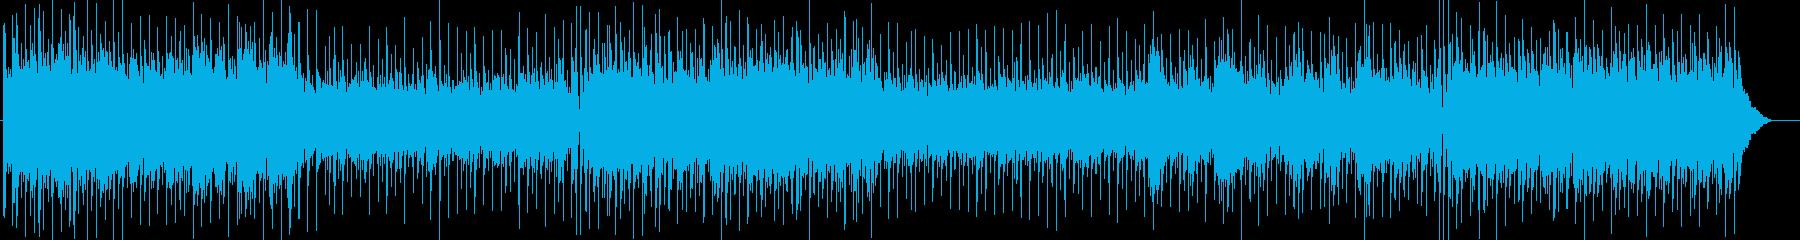 爽やかで煌びやかな12弦ギターポップの再生済みの波形